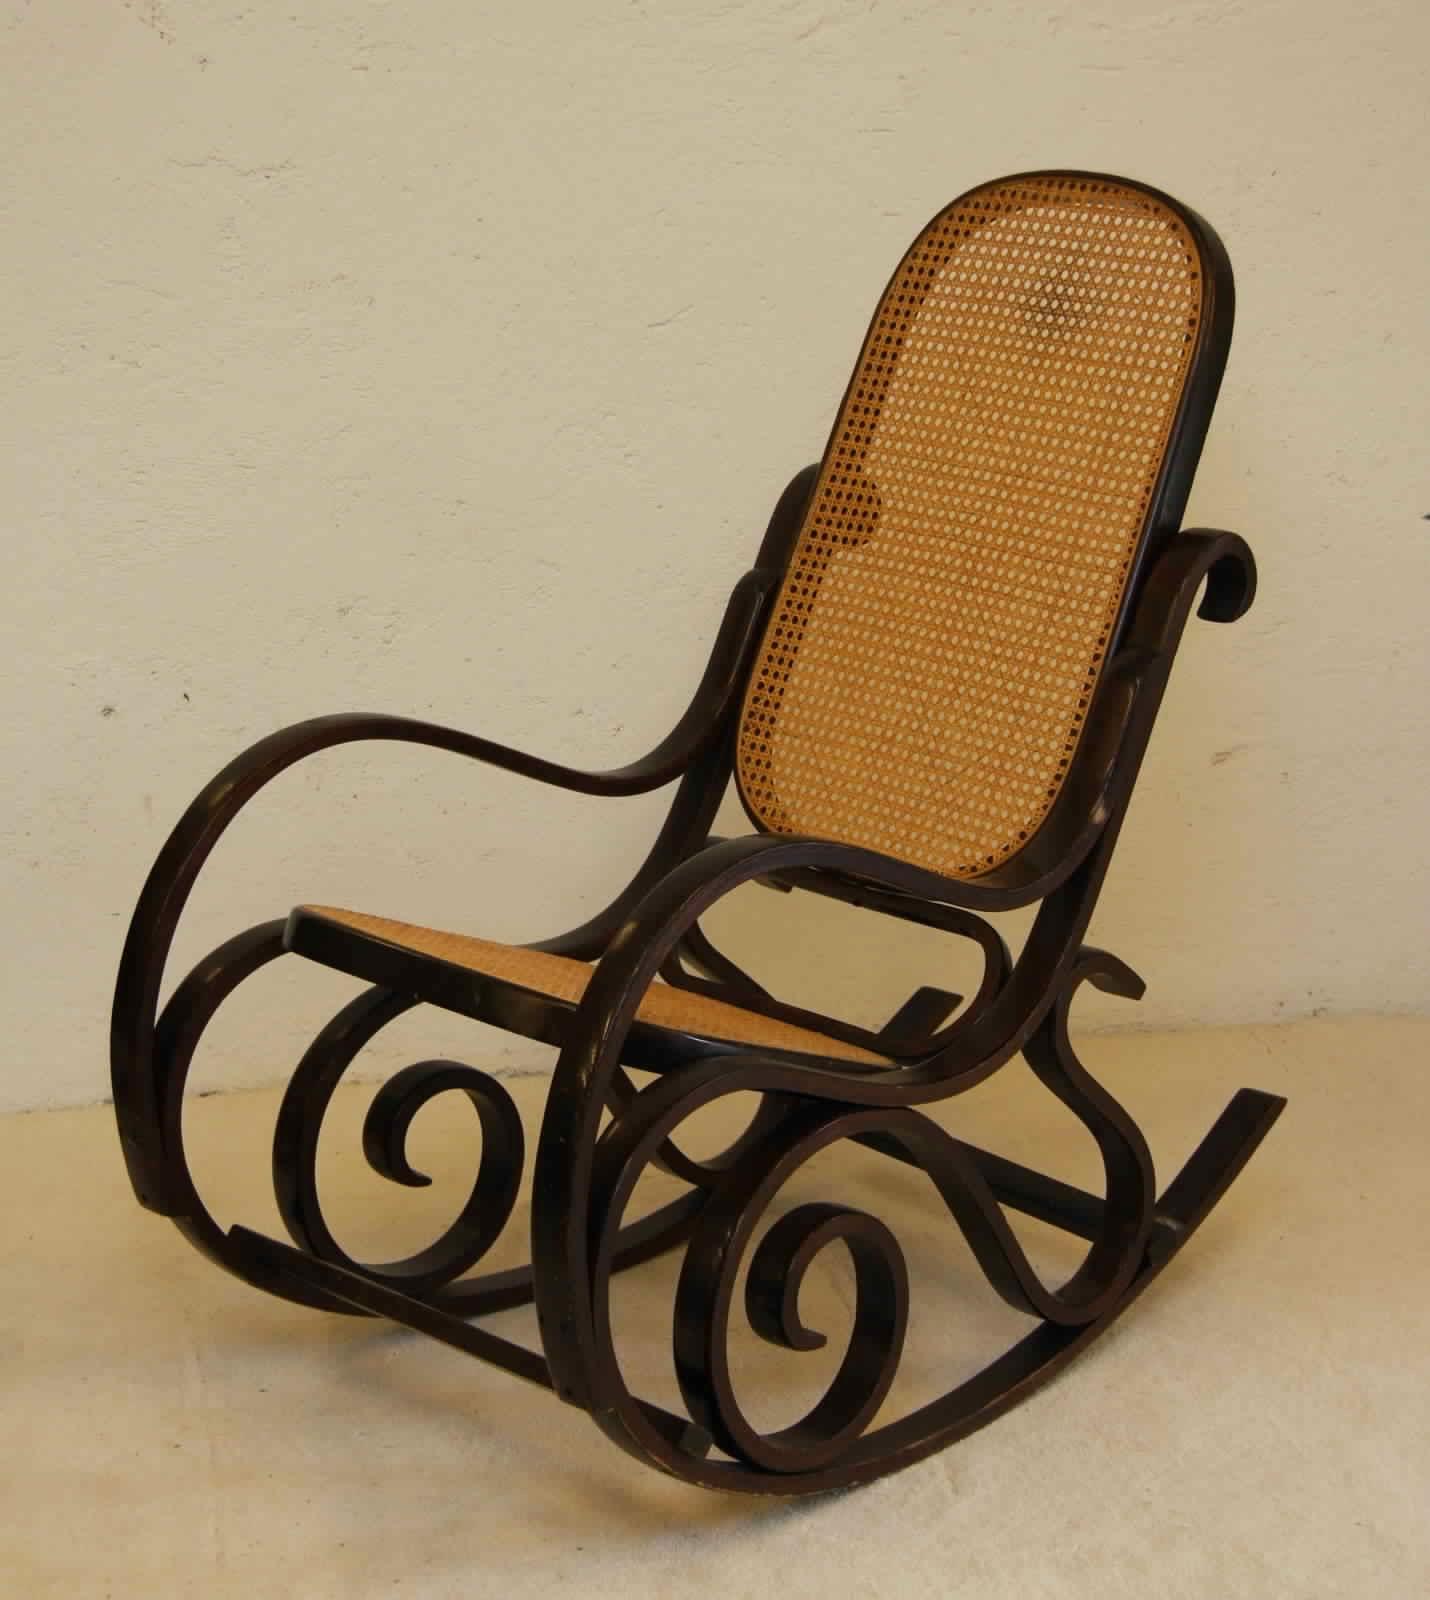 7 conseils pour choisir fauteuil bascule fauteuil relax. Black Bedroom Furniture Sets. Home Design Ideas